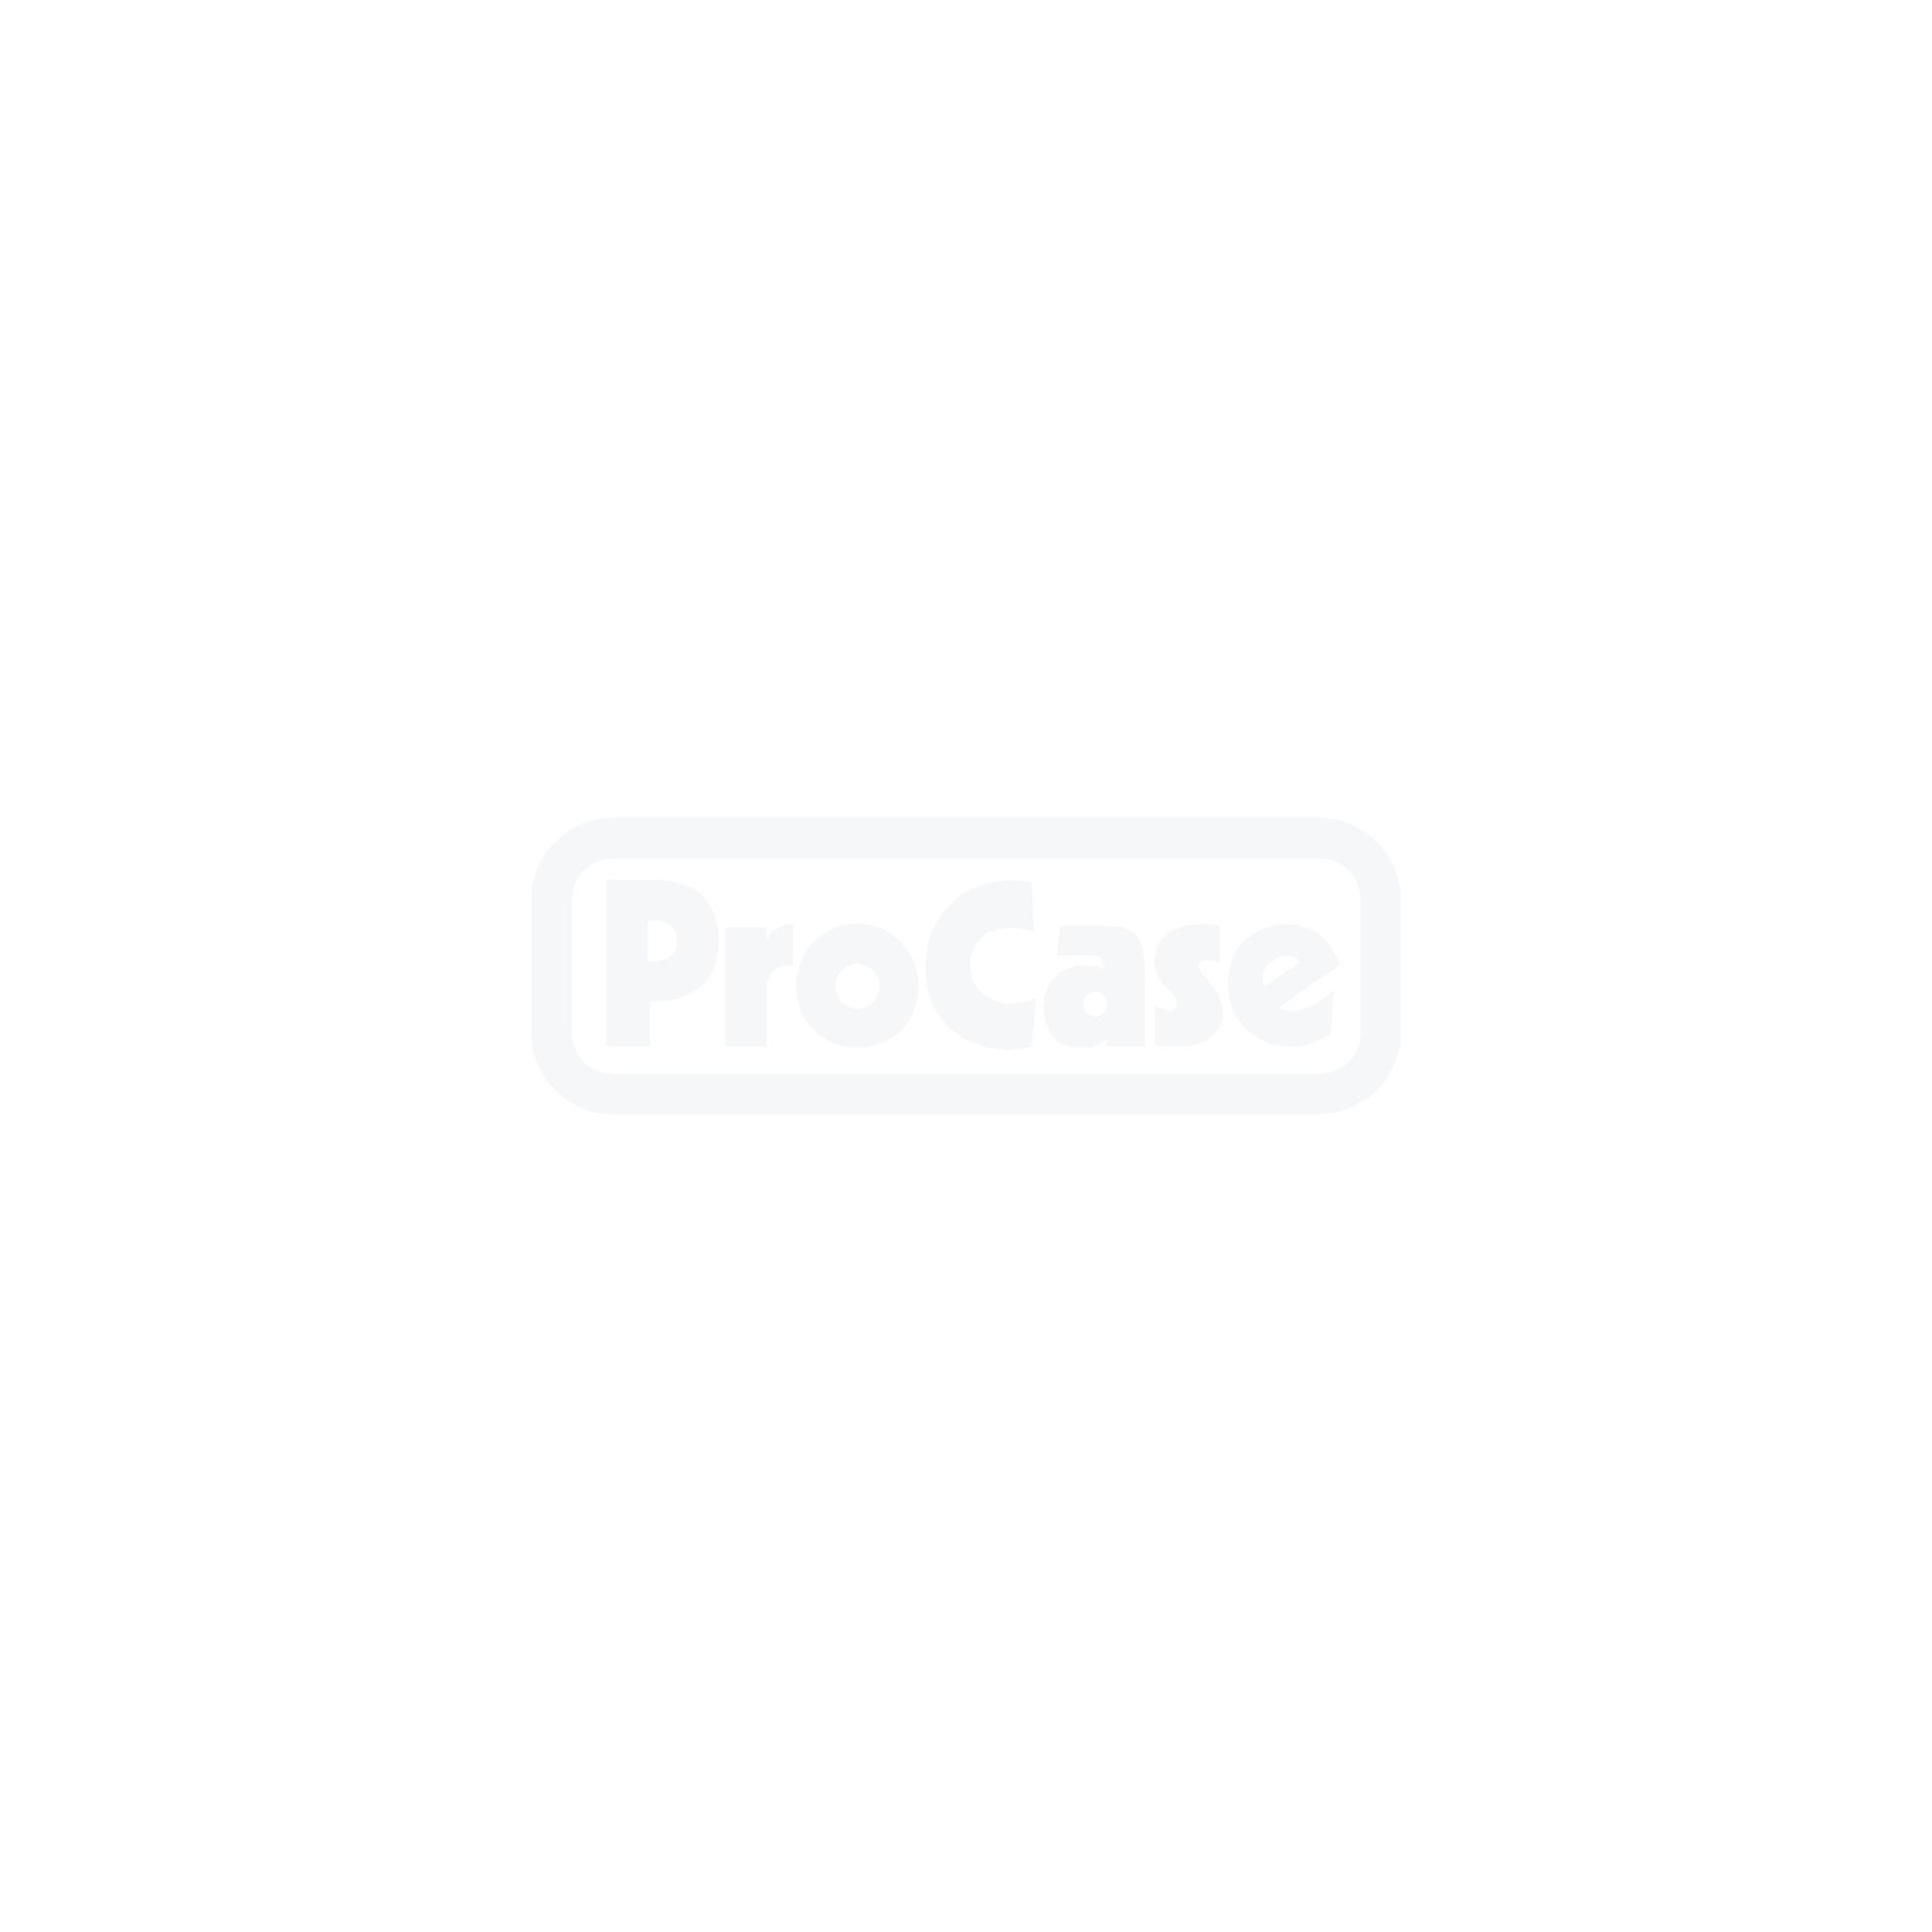 SKB 3i Koffer 3019-12 leer mit Trolley